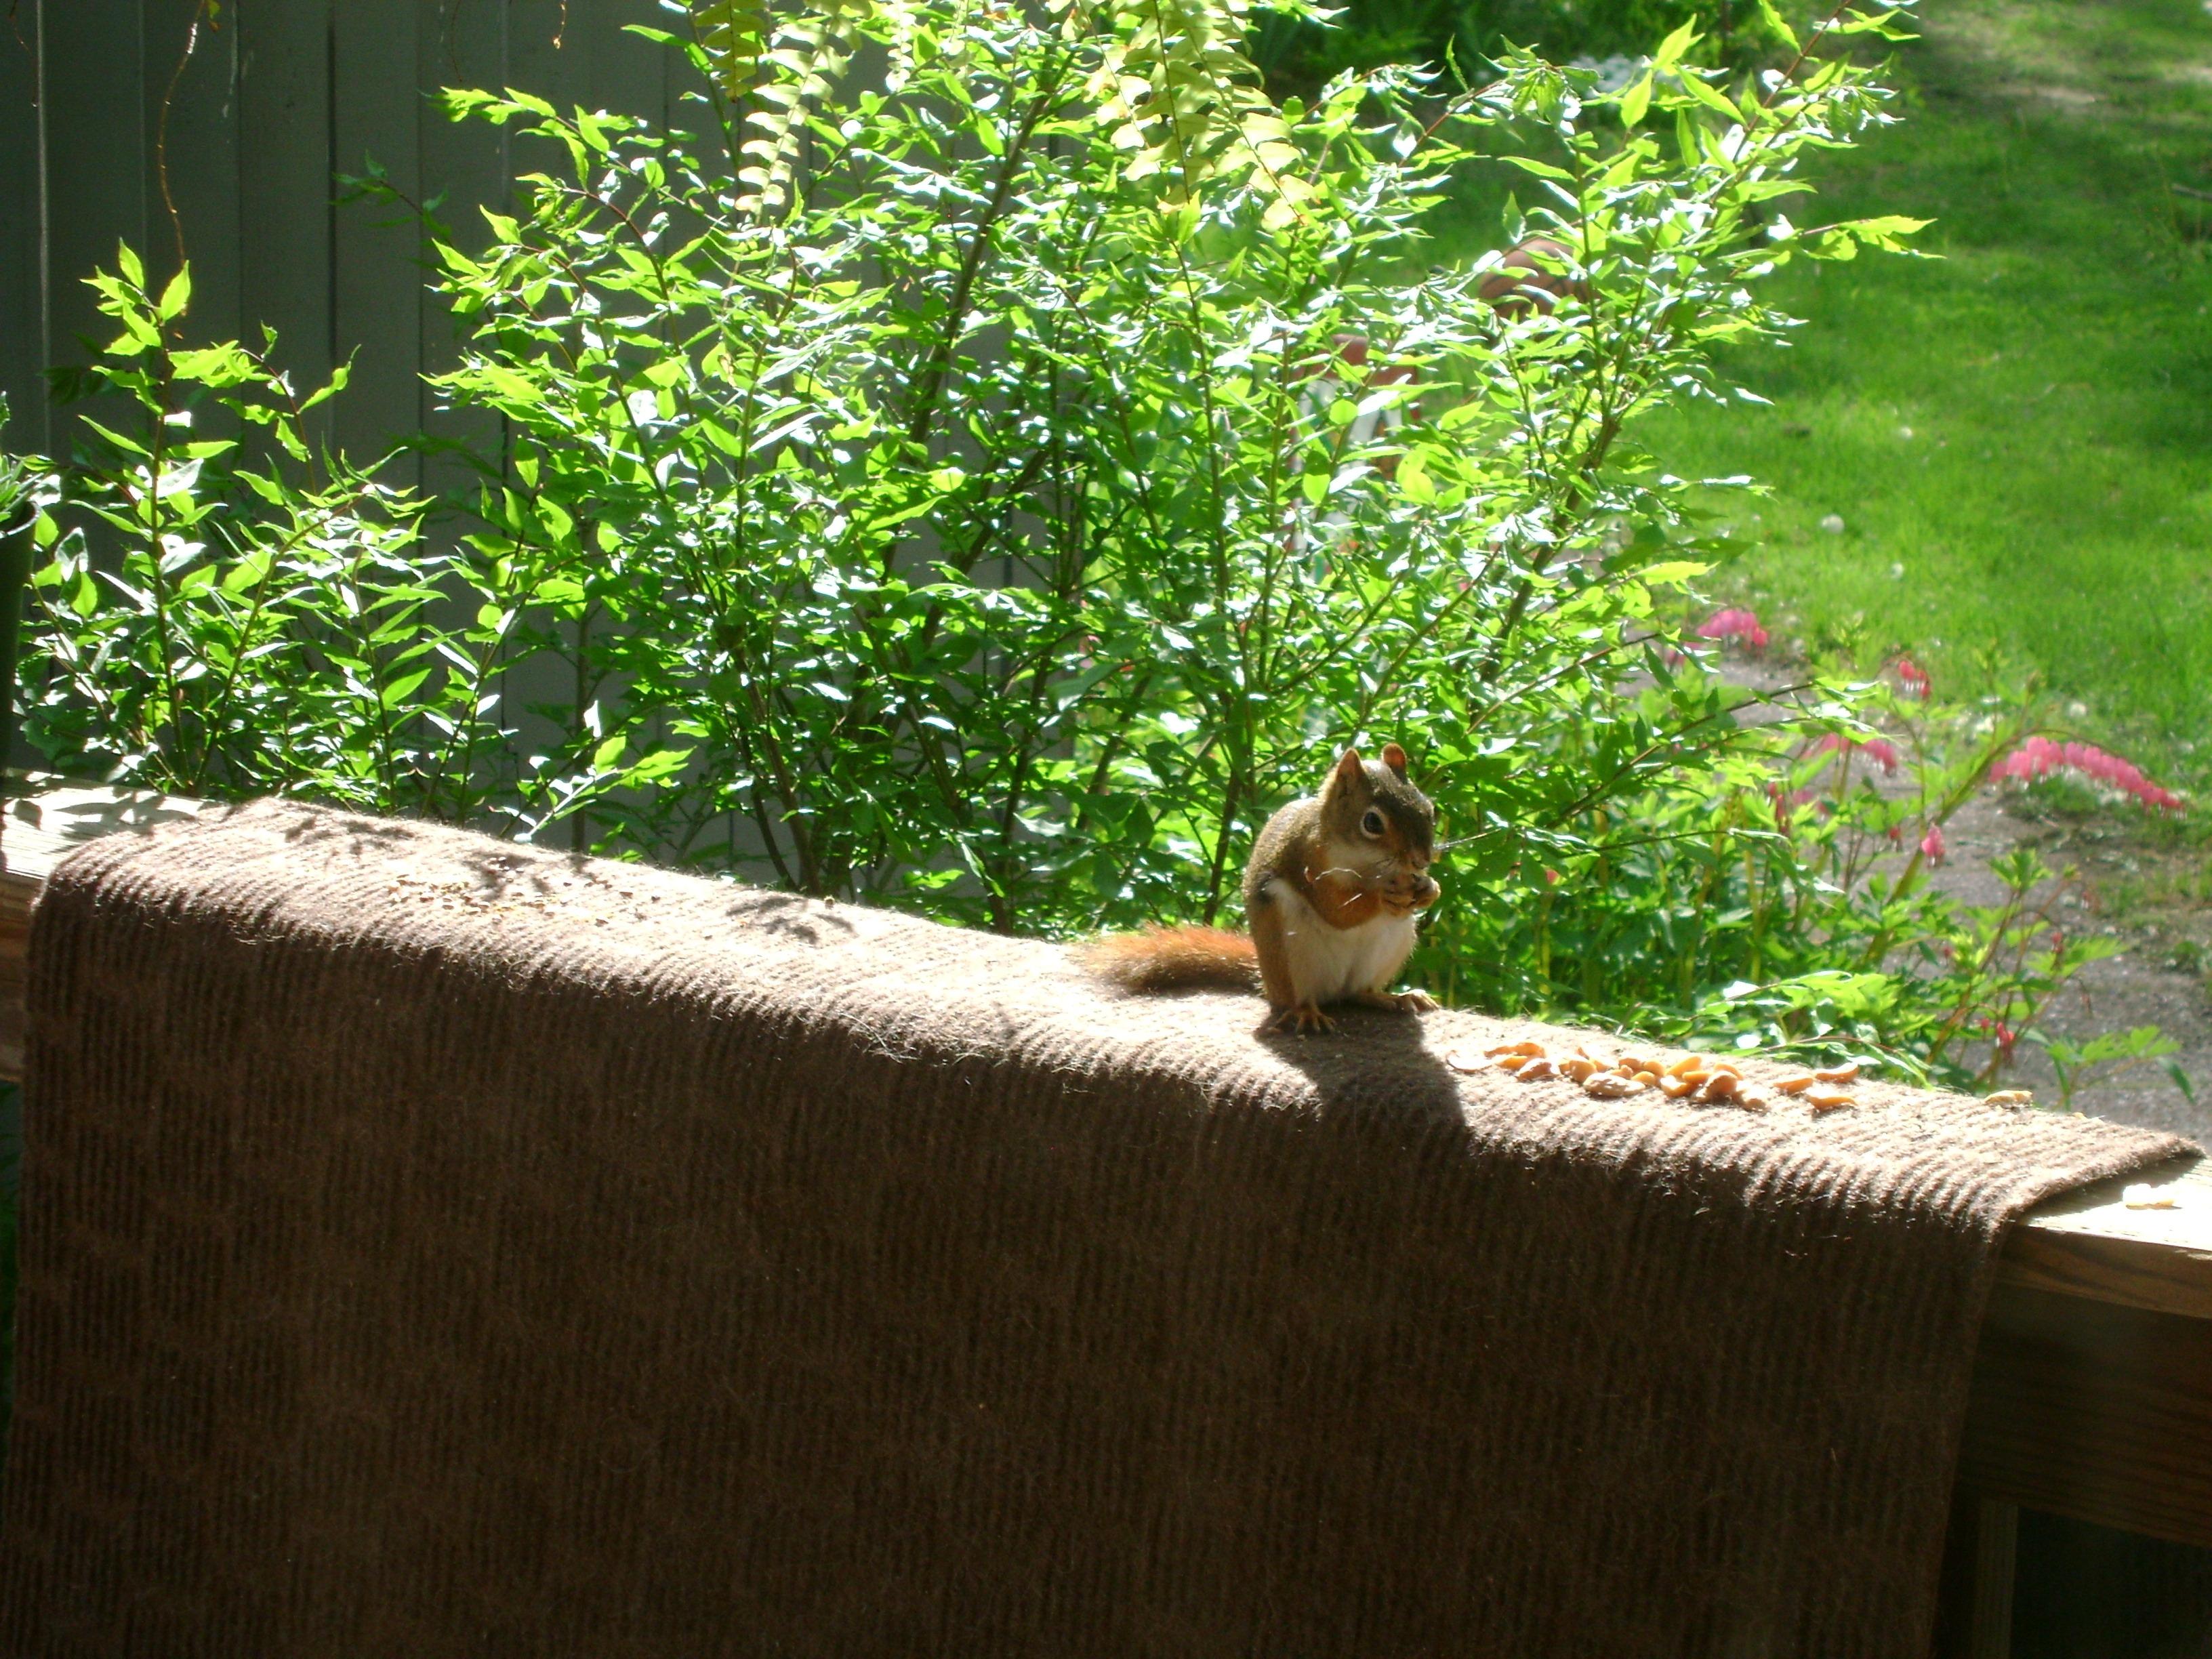 Images gratuites arbre la nature herbe plante bois lumi re du soleil feuille animal - Herbe a chat plante ...